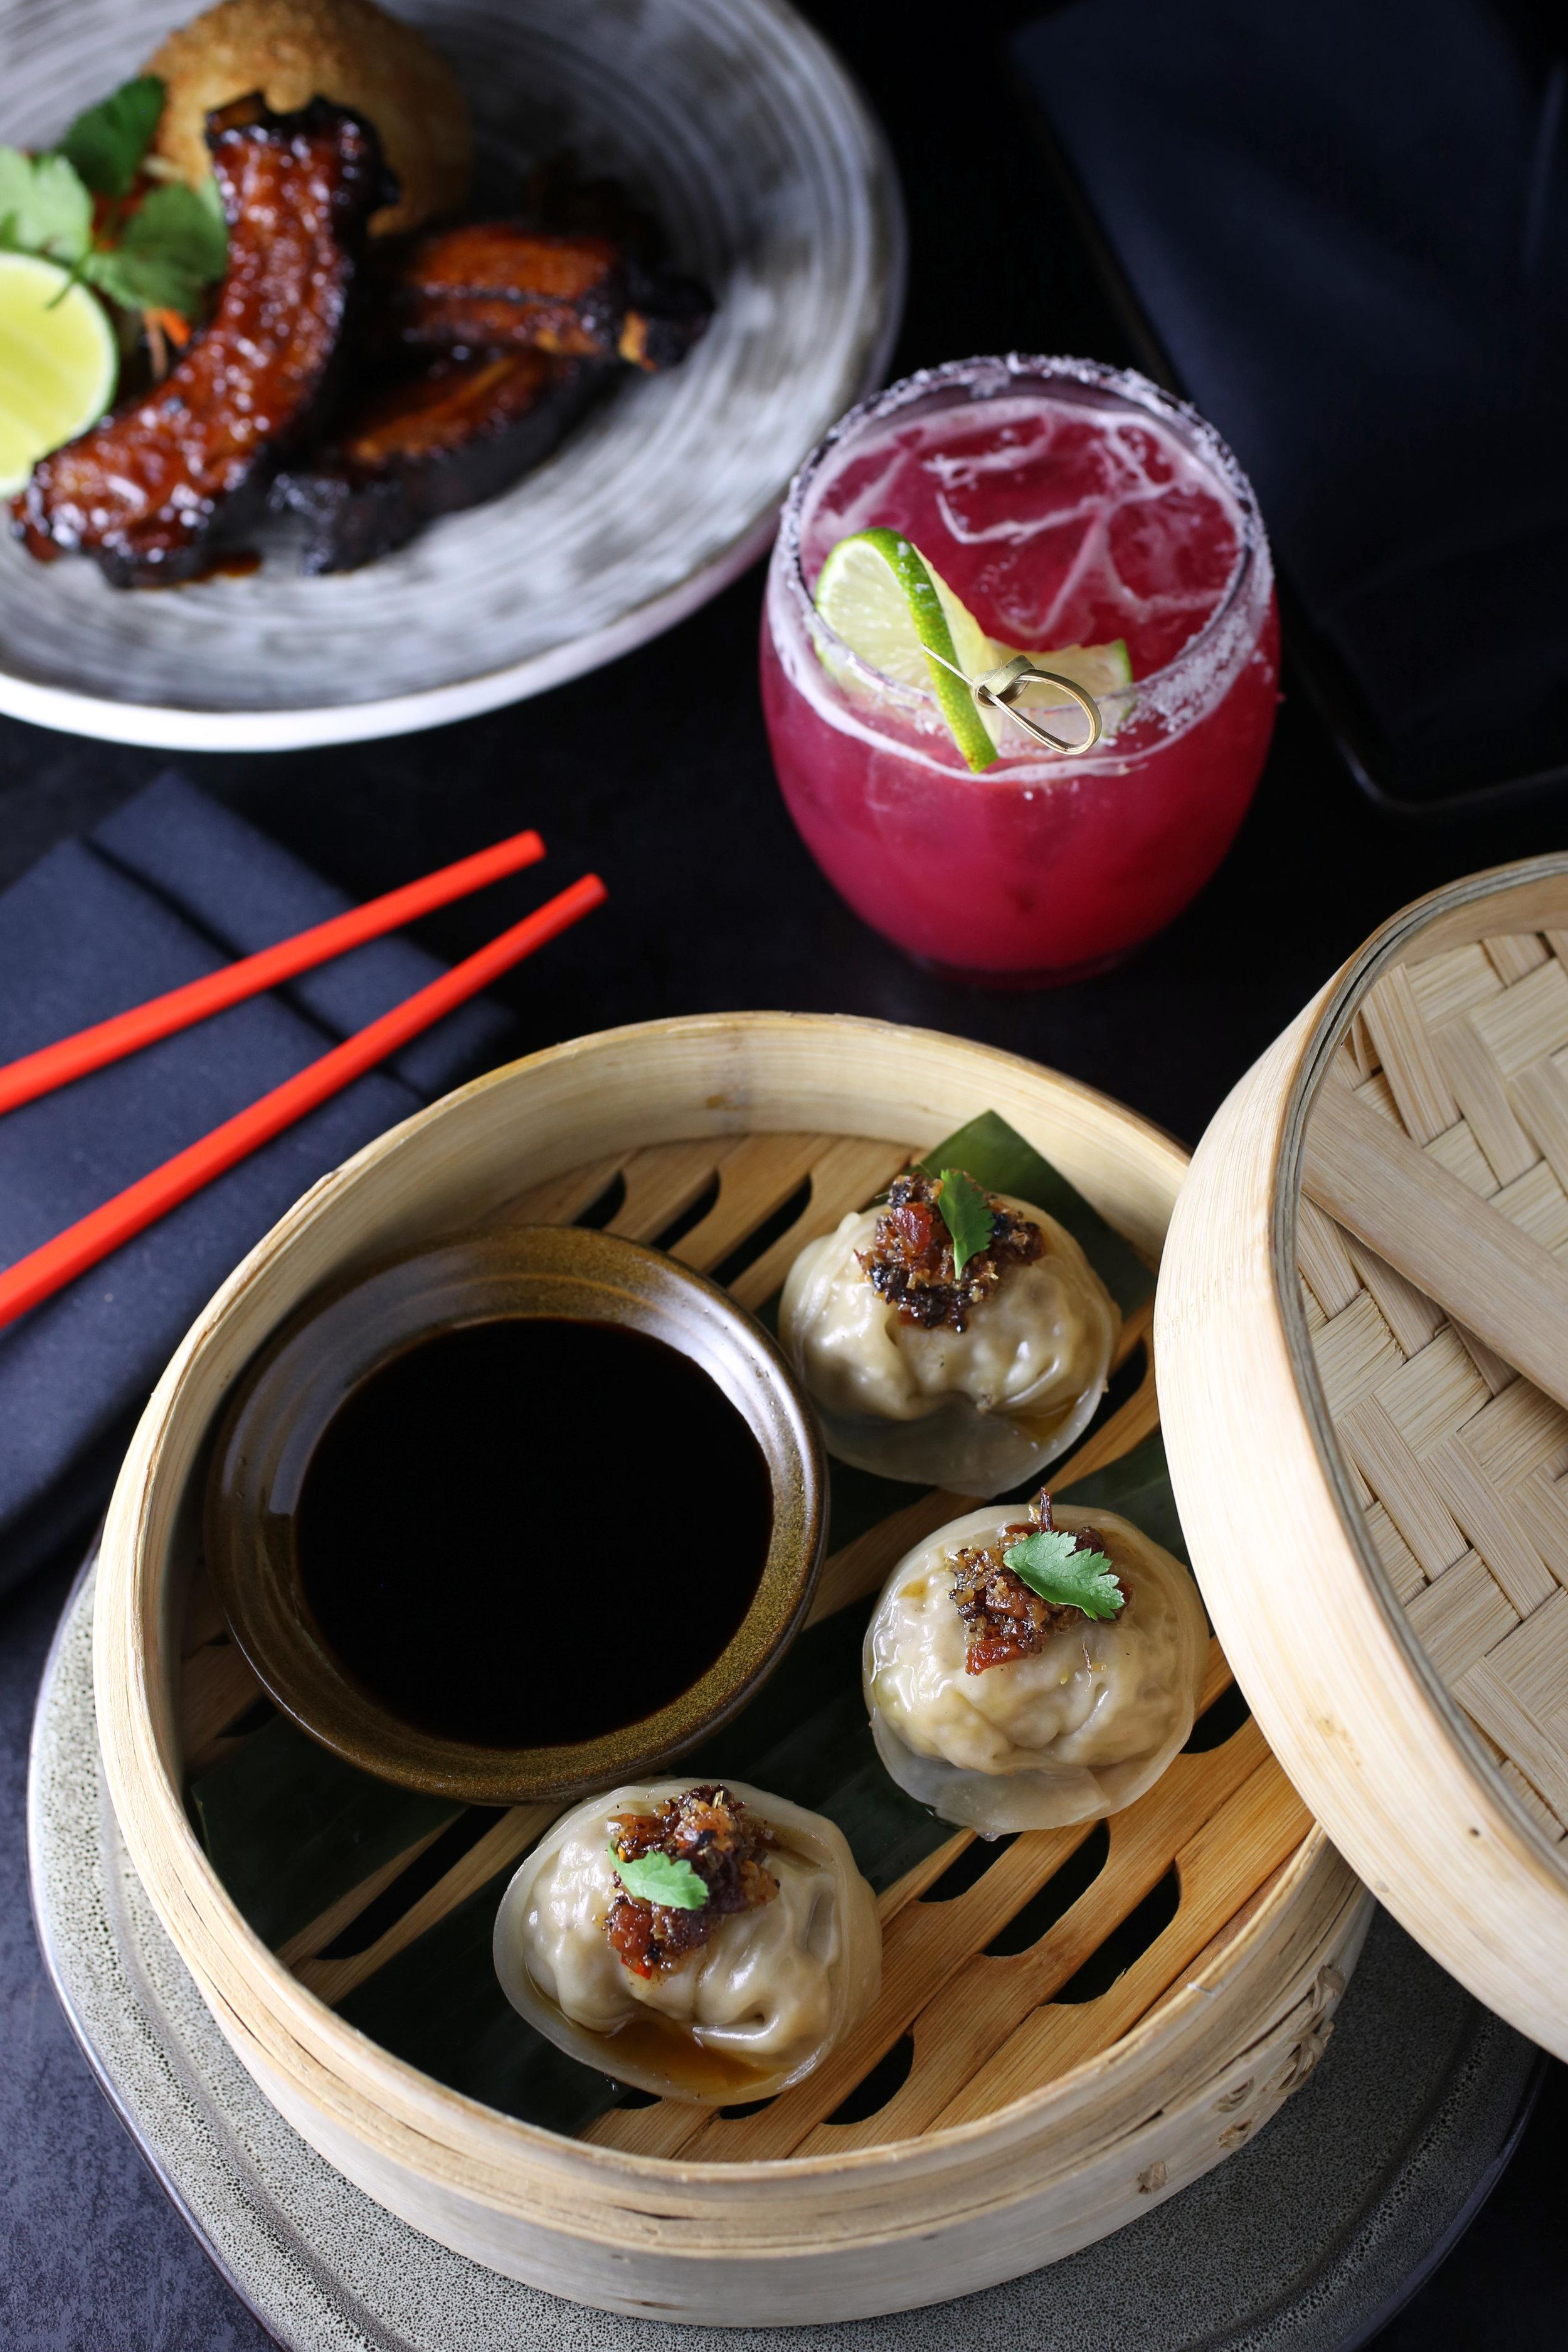 Zengo_-_Test_Kitchen_SJ-HK_-_Foie_Gras_Plantain_Mofongo_Shumai_3.JPG